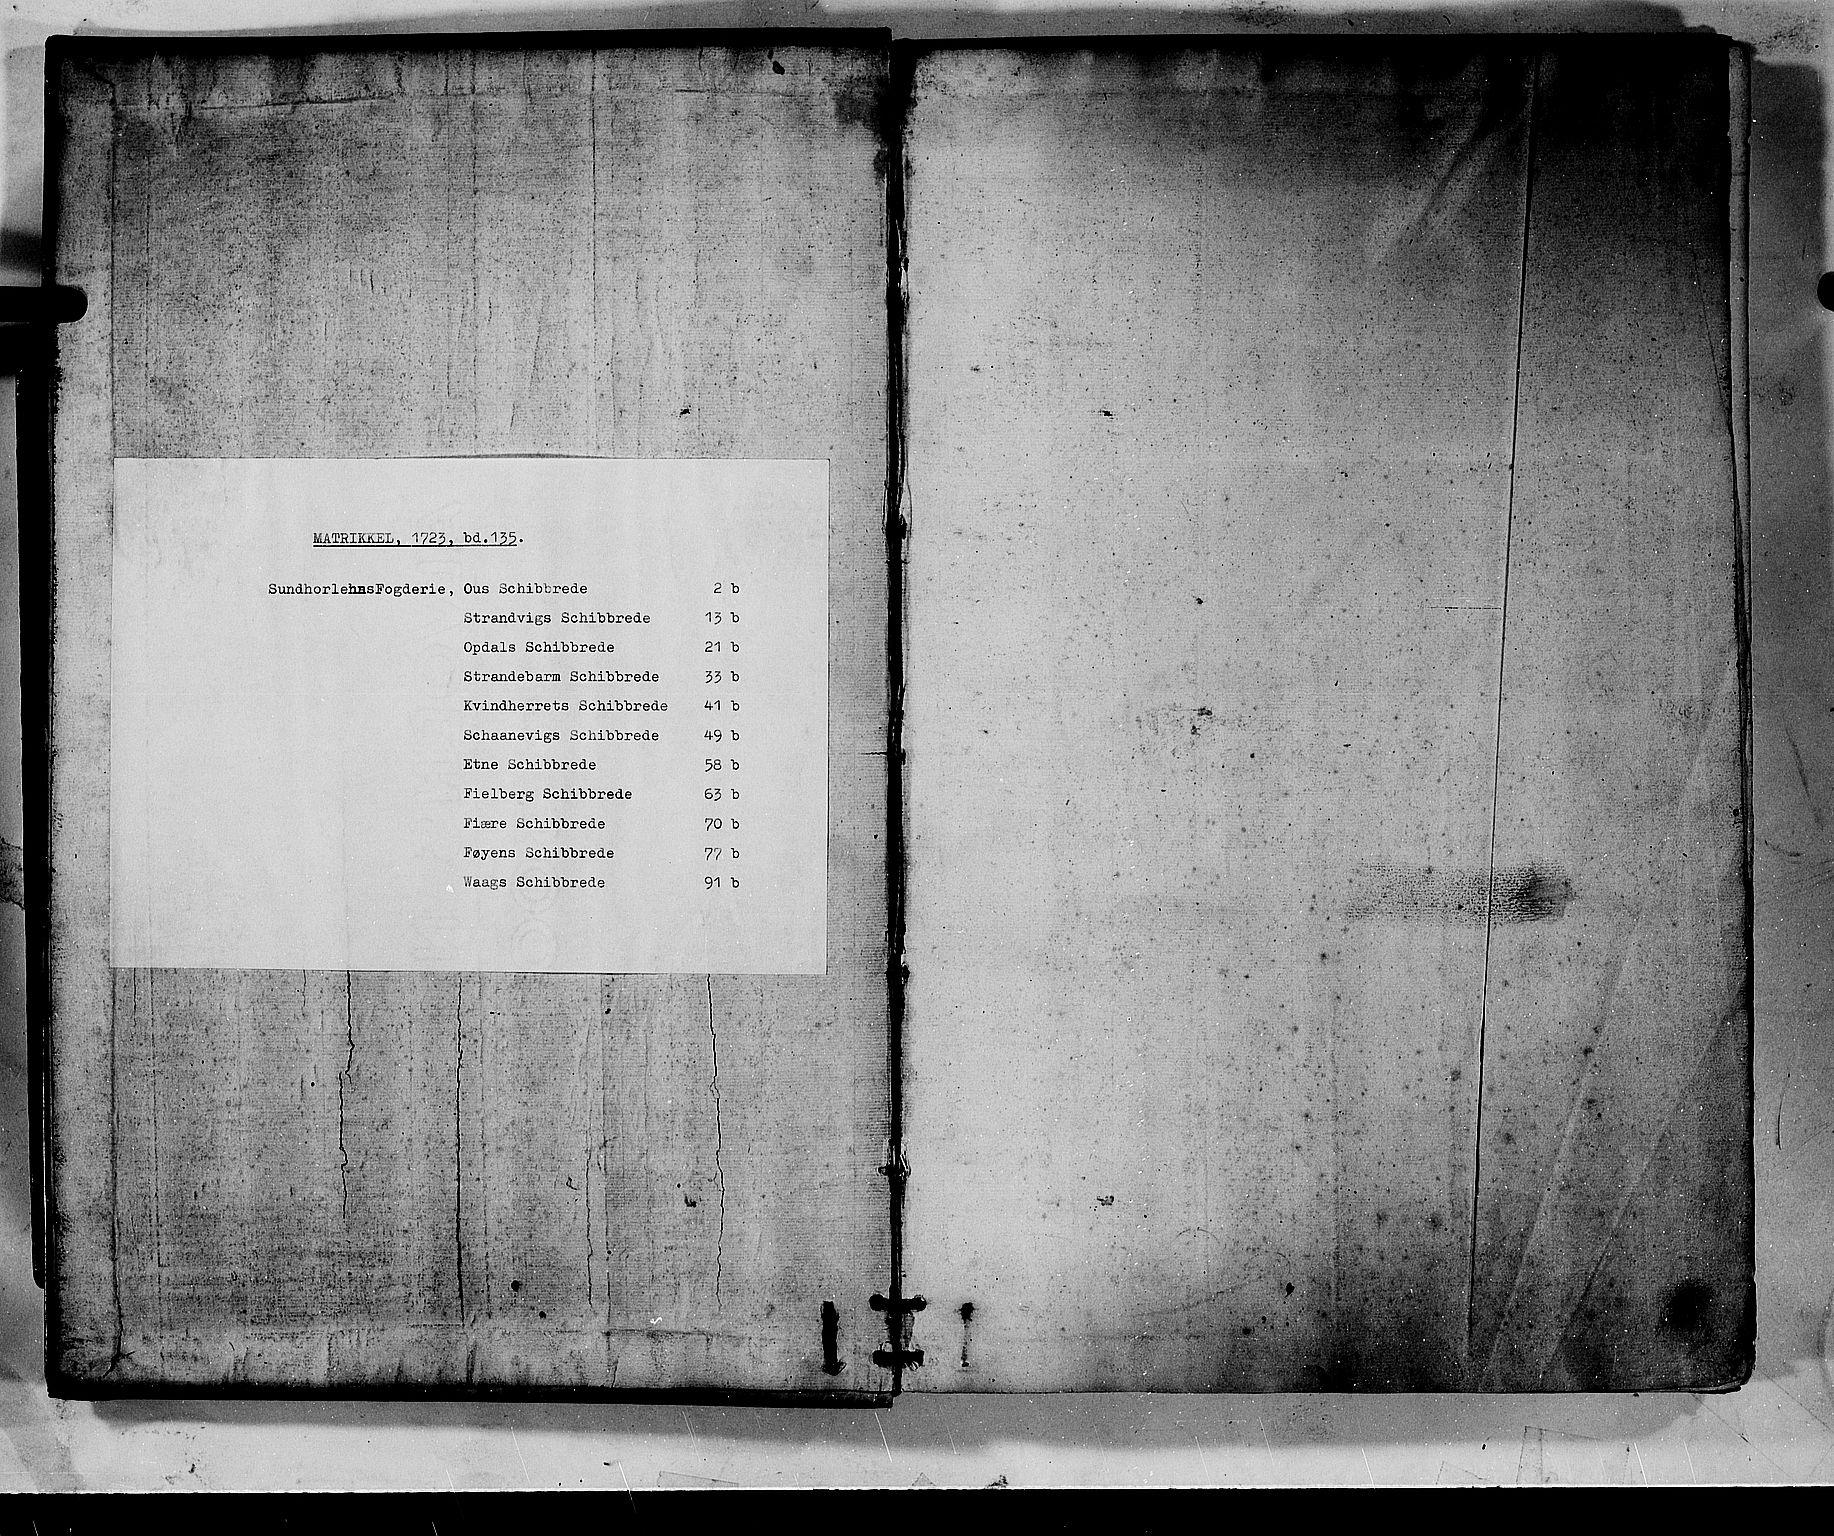 RA, Rentekammeret inntil 1814, Realistisk ordnet avdeling, N/Nb/Nbf/L0135: Sunnhordland matrikkelprotokoll, 1723, s. upaginert